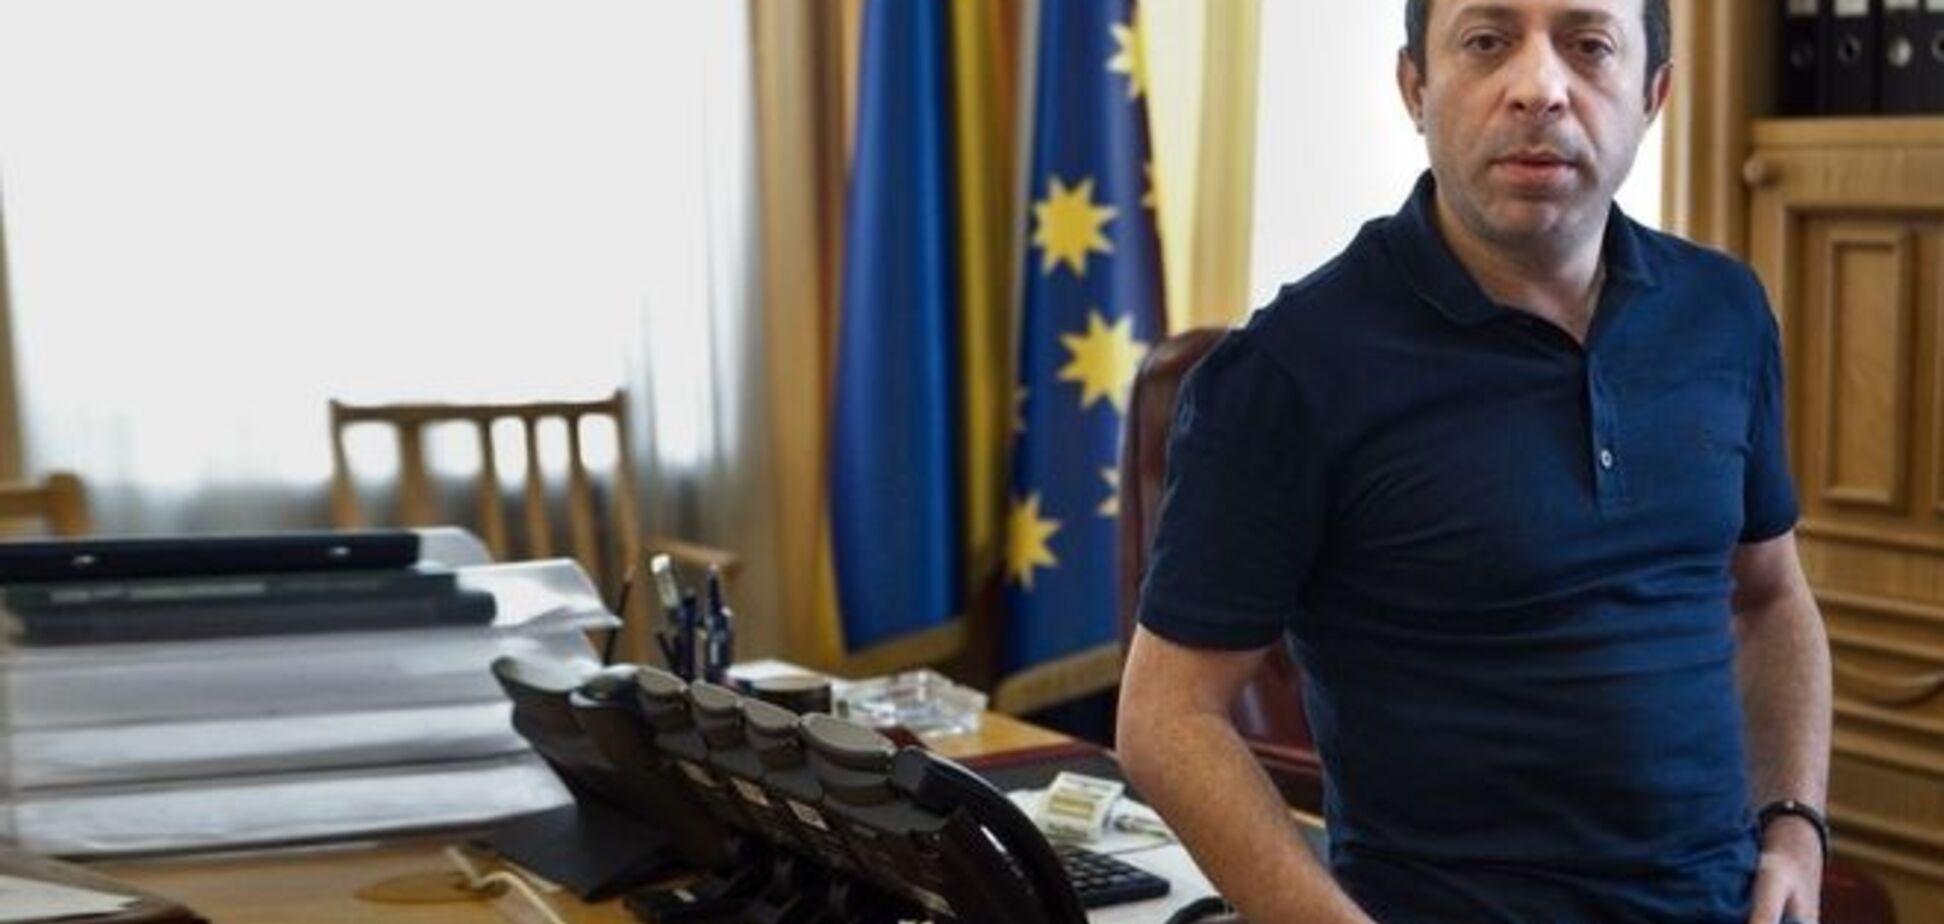 Корбан рассказал, как взяточники Днепропетровска дружно становятся на путь исправления